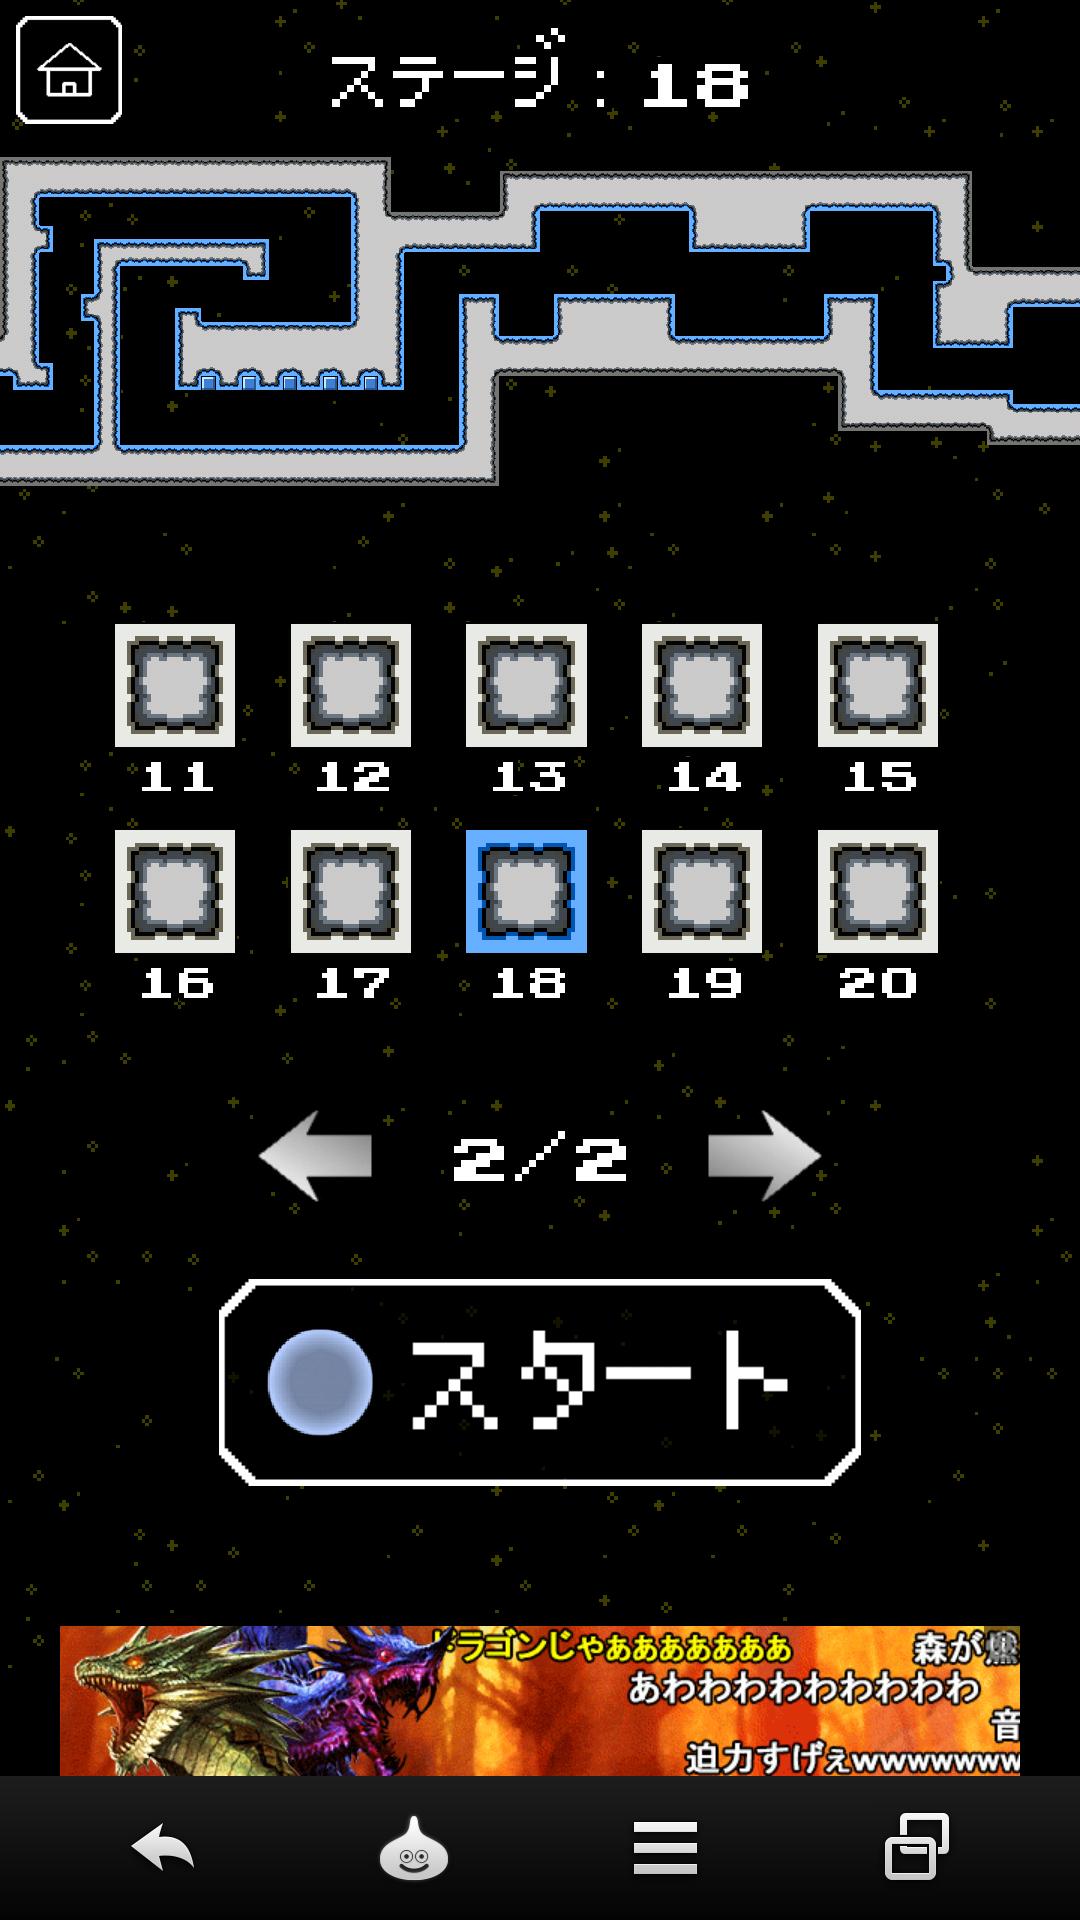 イライラぼう androidアプリスクリーンショット2